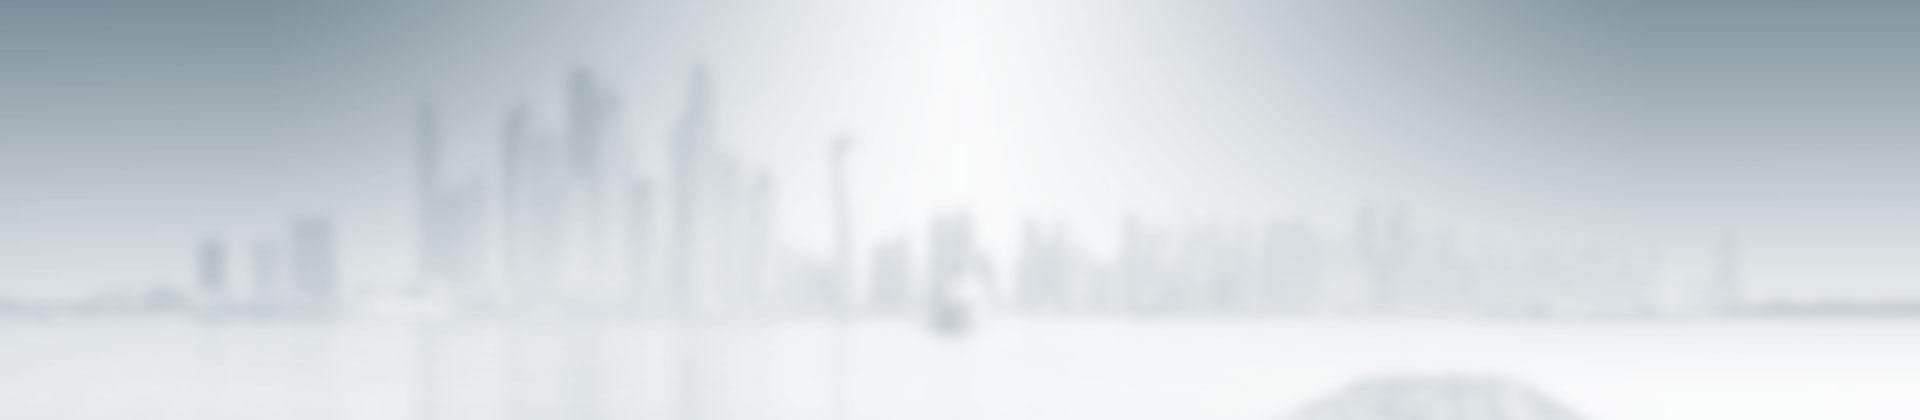 Background image qlikview - Fondo Ciudad